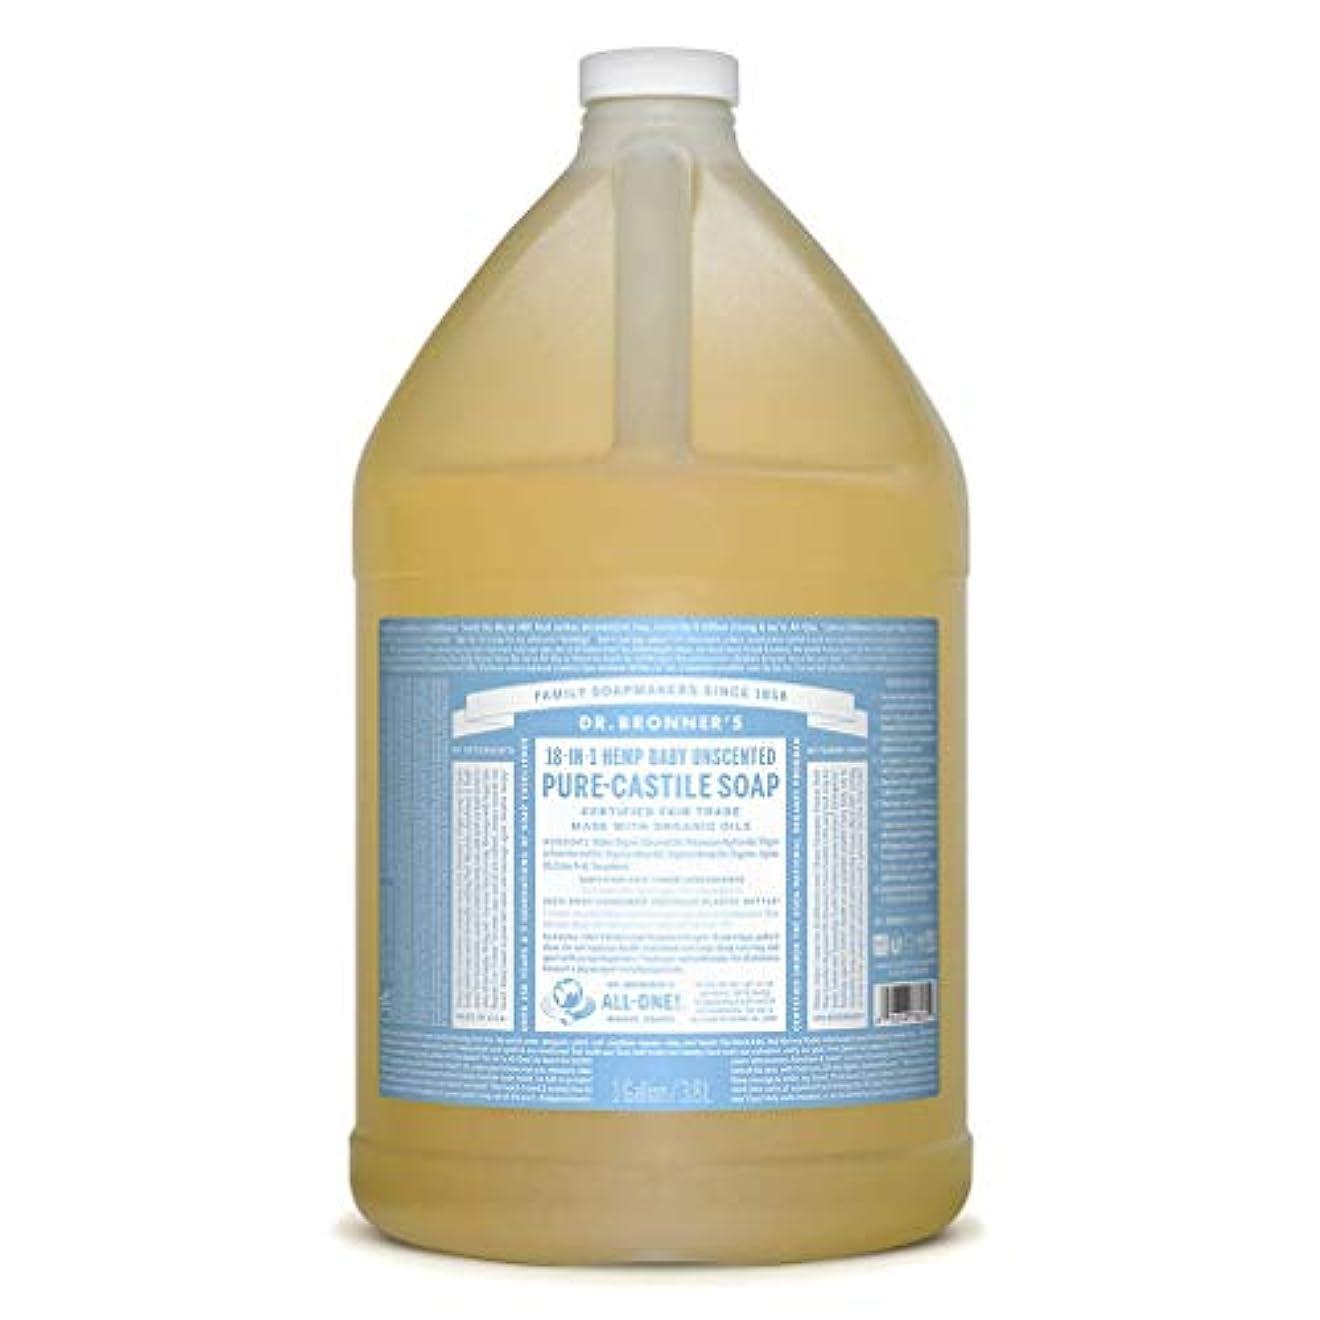 端終わった影響ドクターブロナー マジックソープ液体 ベビーマイルド 3785ml